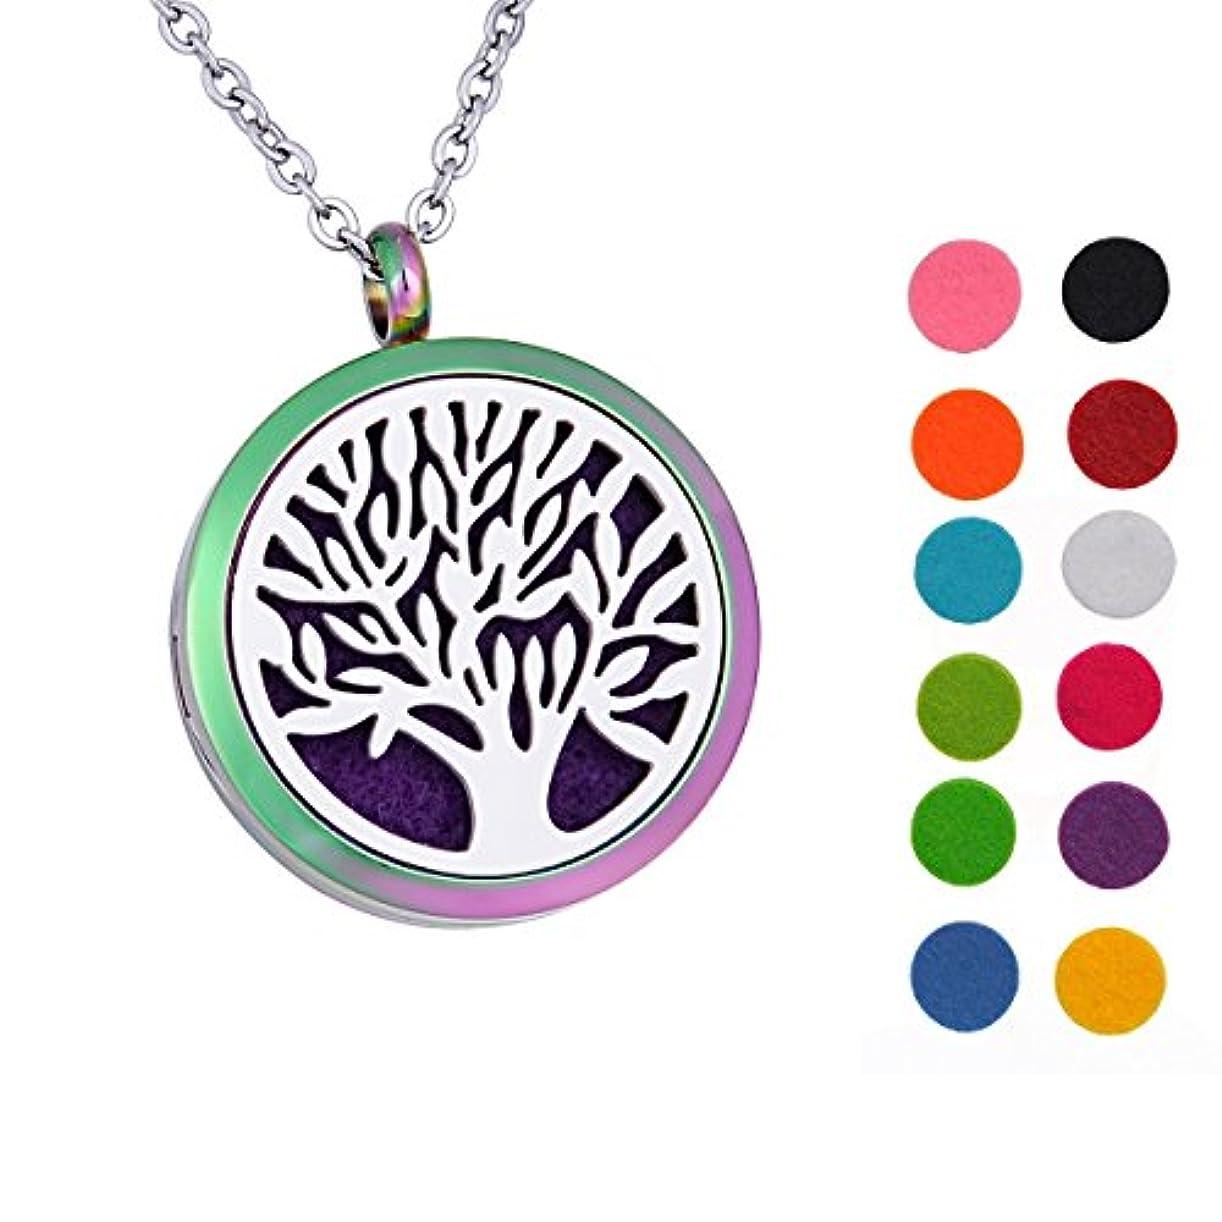 代理店乗り出す円形Tree of Life Aromatherapy Essential Oil Diffuserネックレス316ステンレス鋼ロケットペンダント24